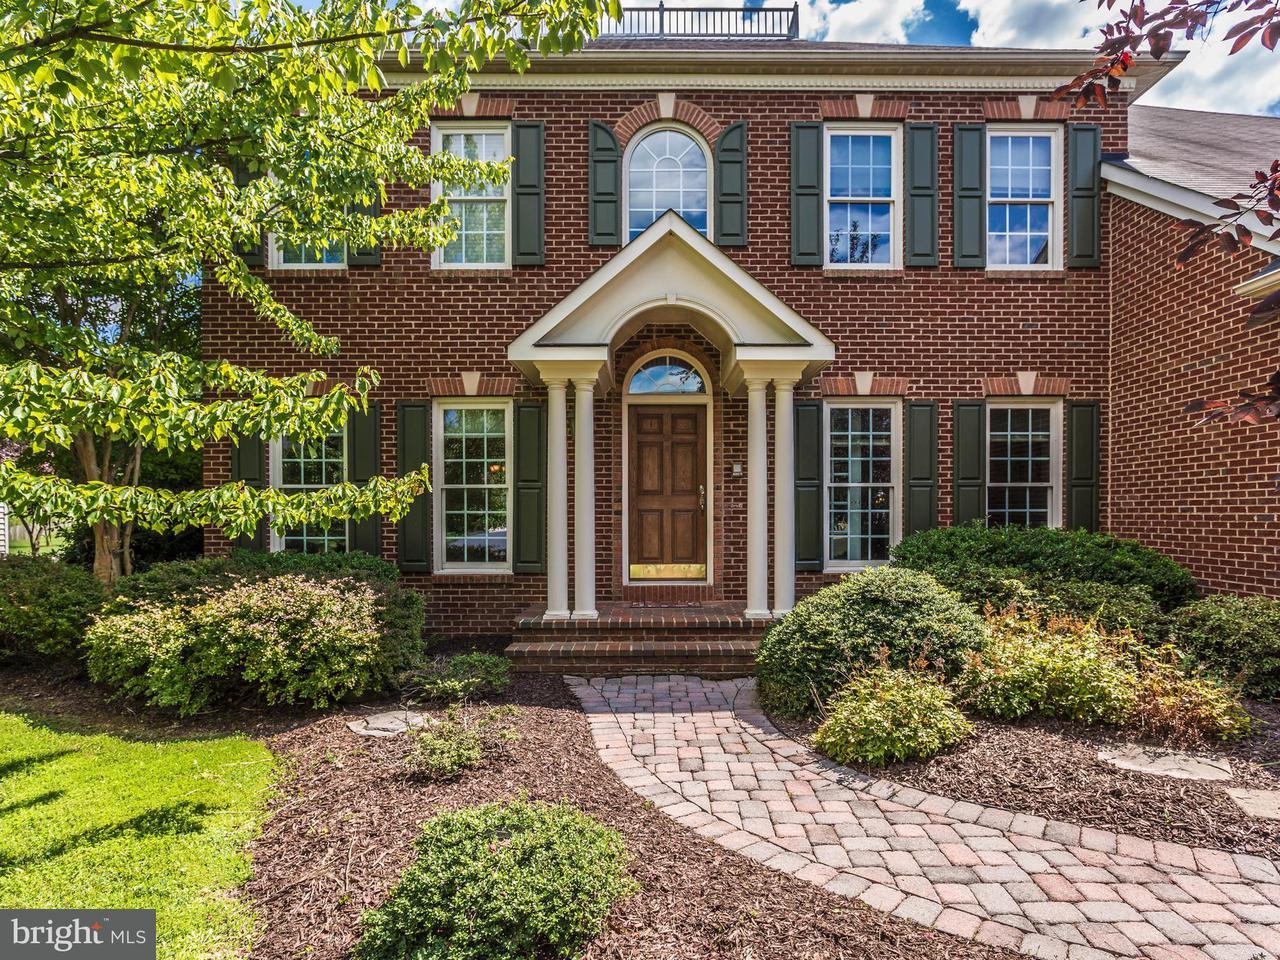 独户住宅 为 销售 在 10015 Prestwich Ter 10015 Prestwich Ter Ijamsville, 马里兰州 21754 美国